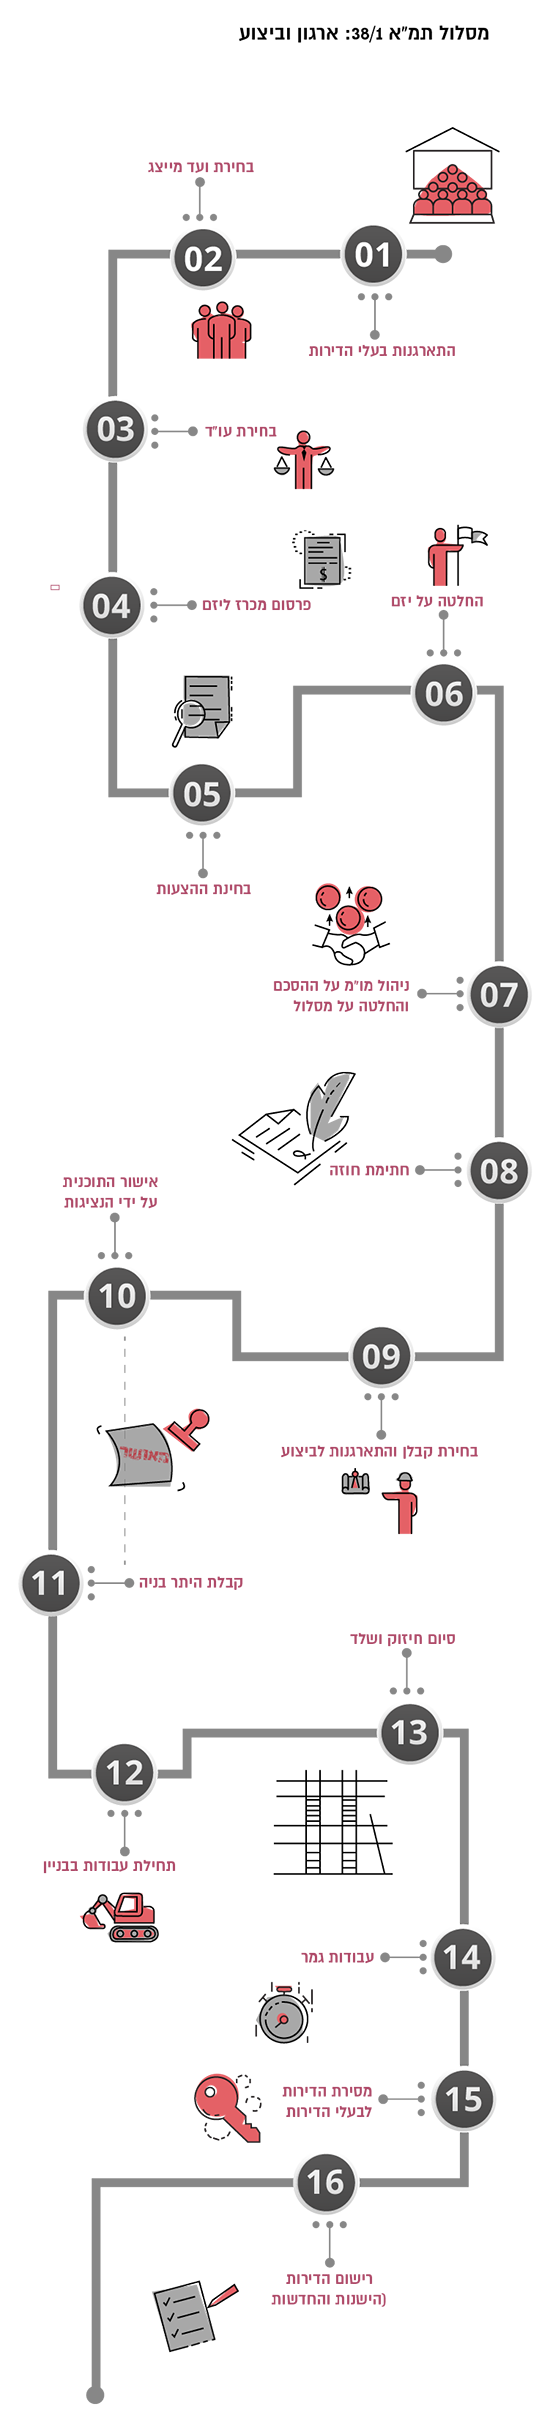 """מסלול תמ""""א 38/1: ארגון וביצוע / אינפוגרפיק: טלי בוגדנובסקי"""